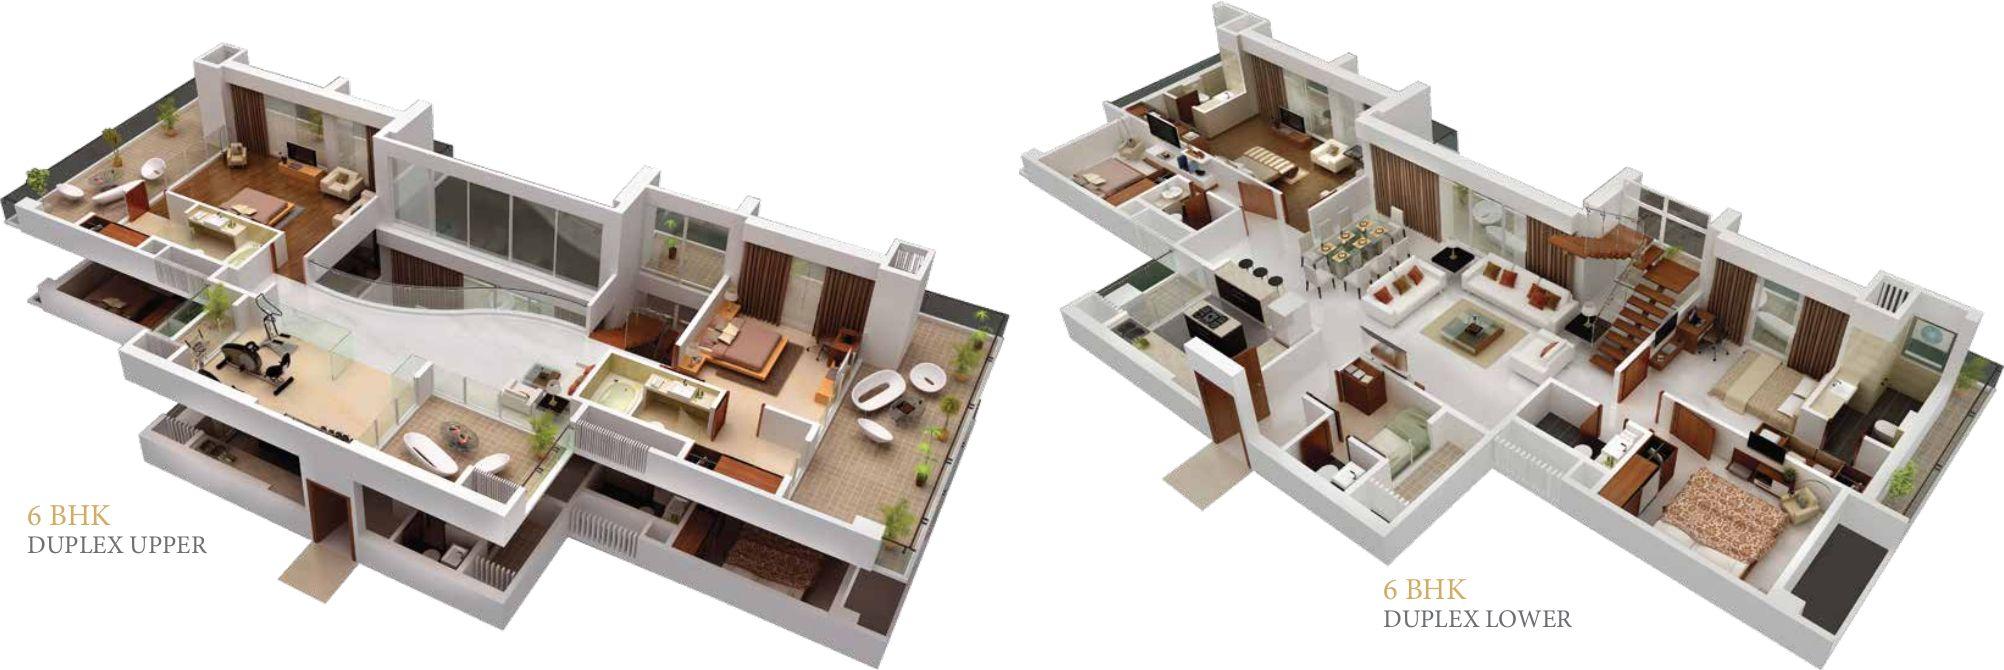 6 Bhk Home Design Part - 23: 261627.jpg (2004×670)